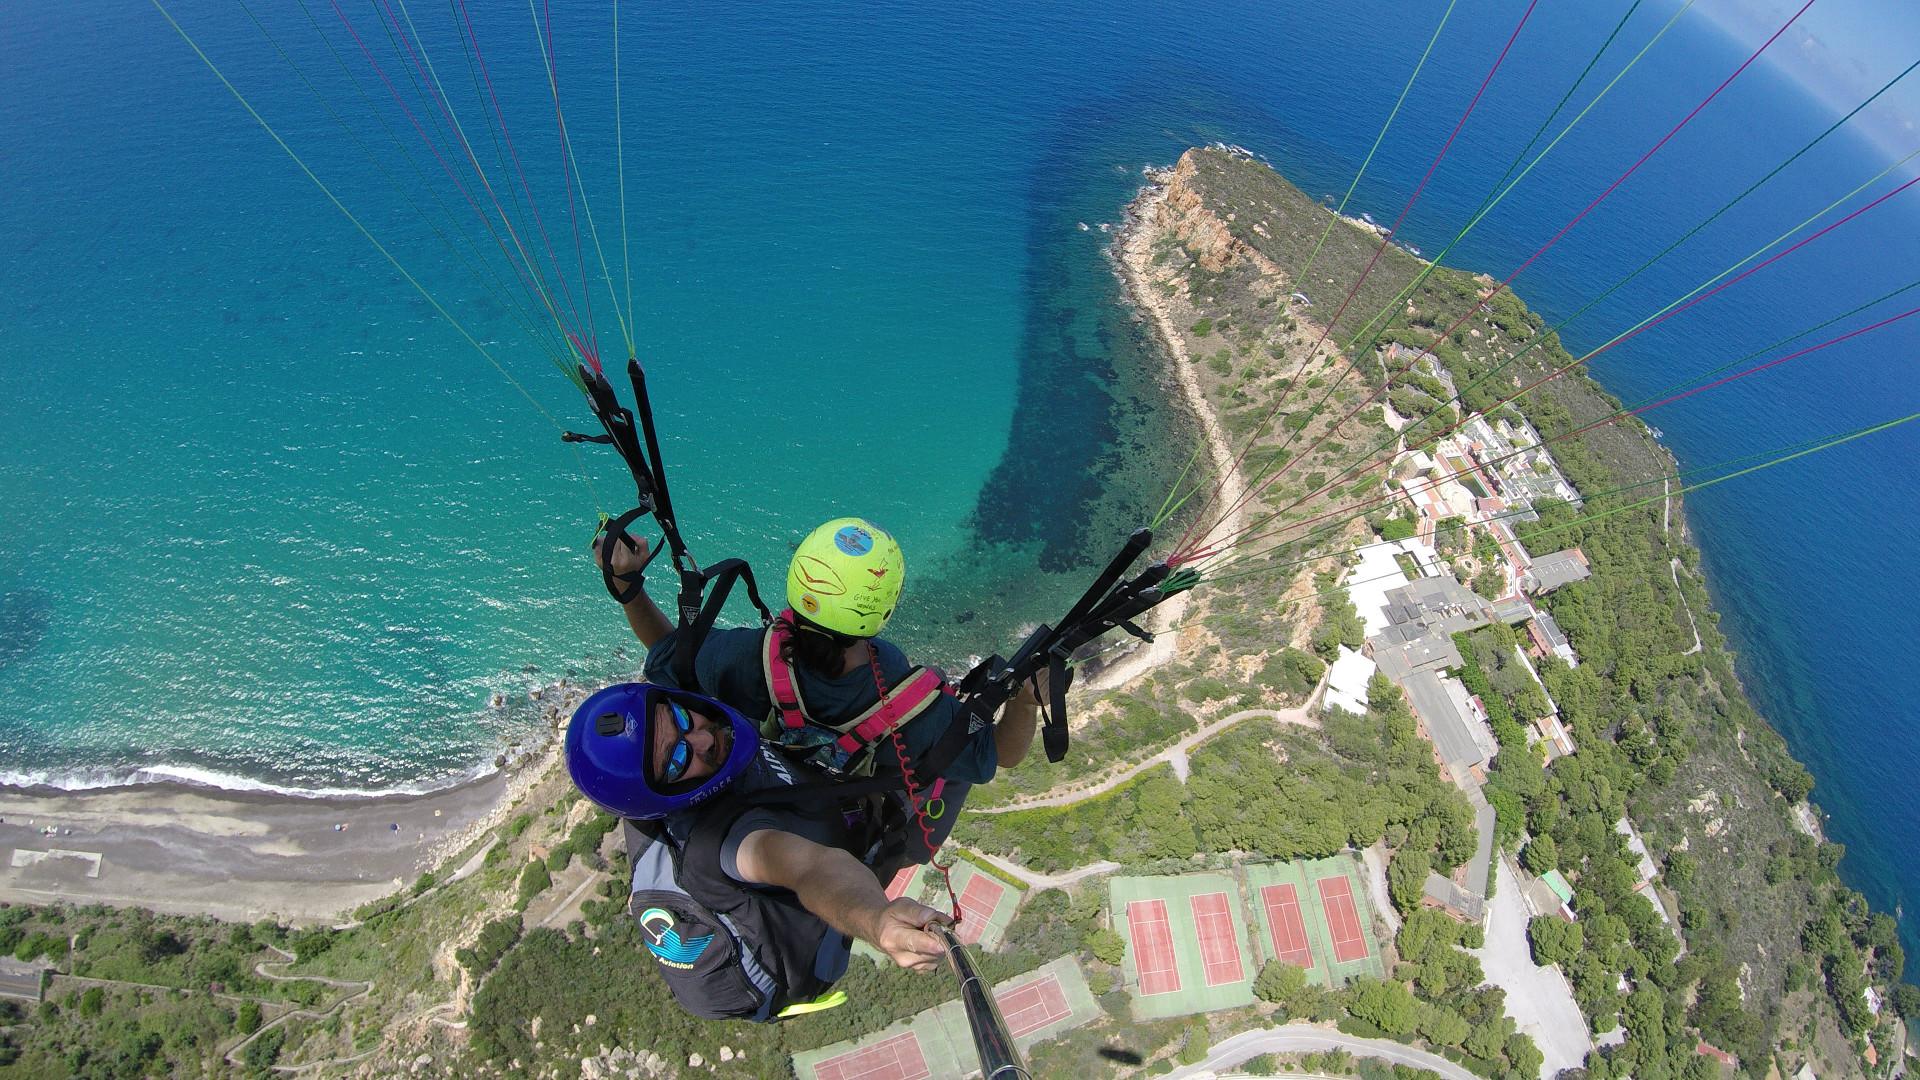 Volo in parapendio biposto sulla costa palermitana